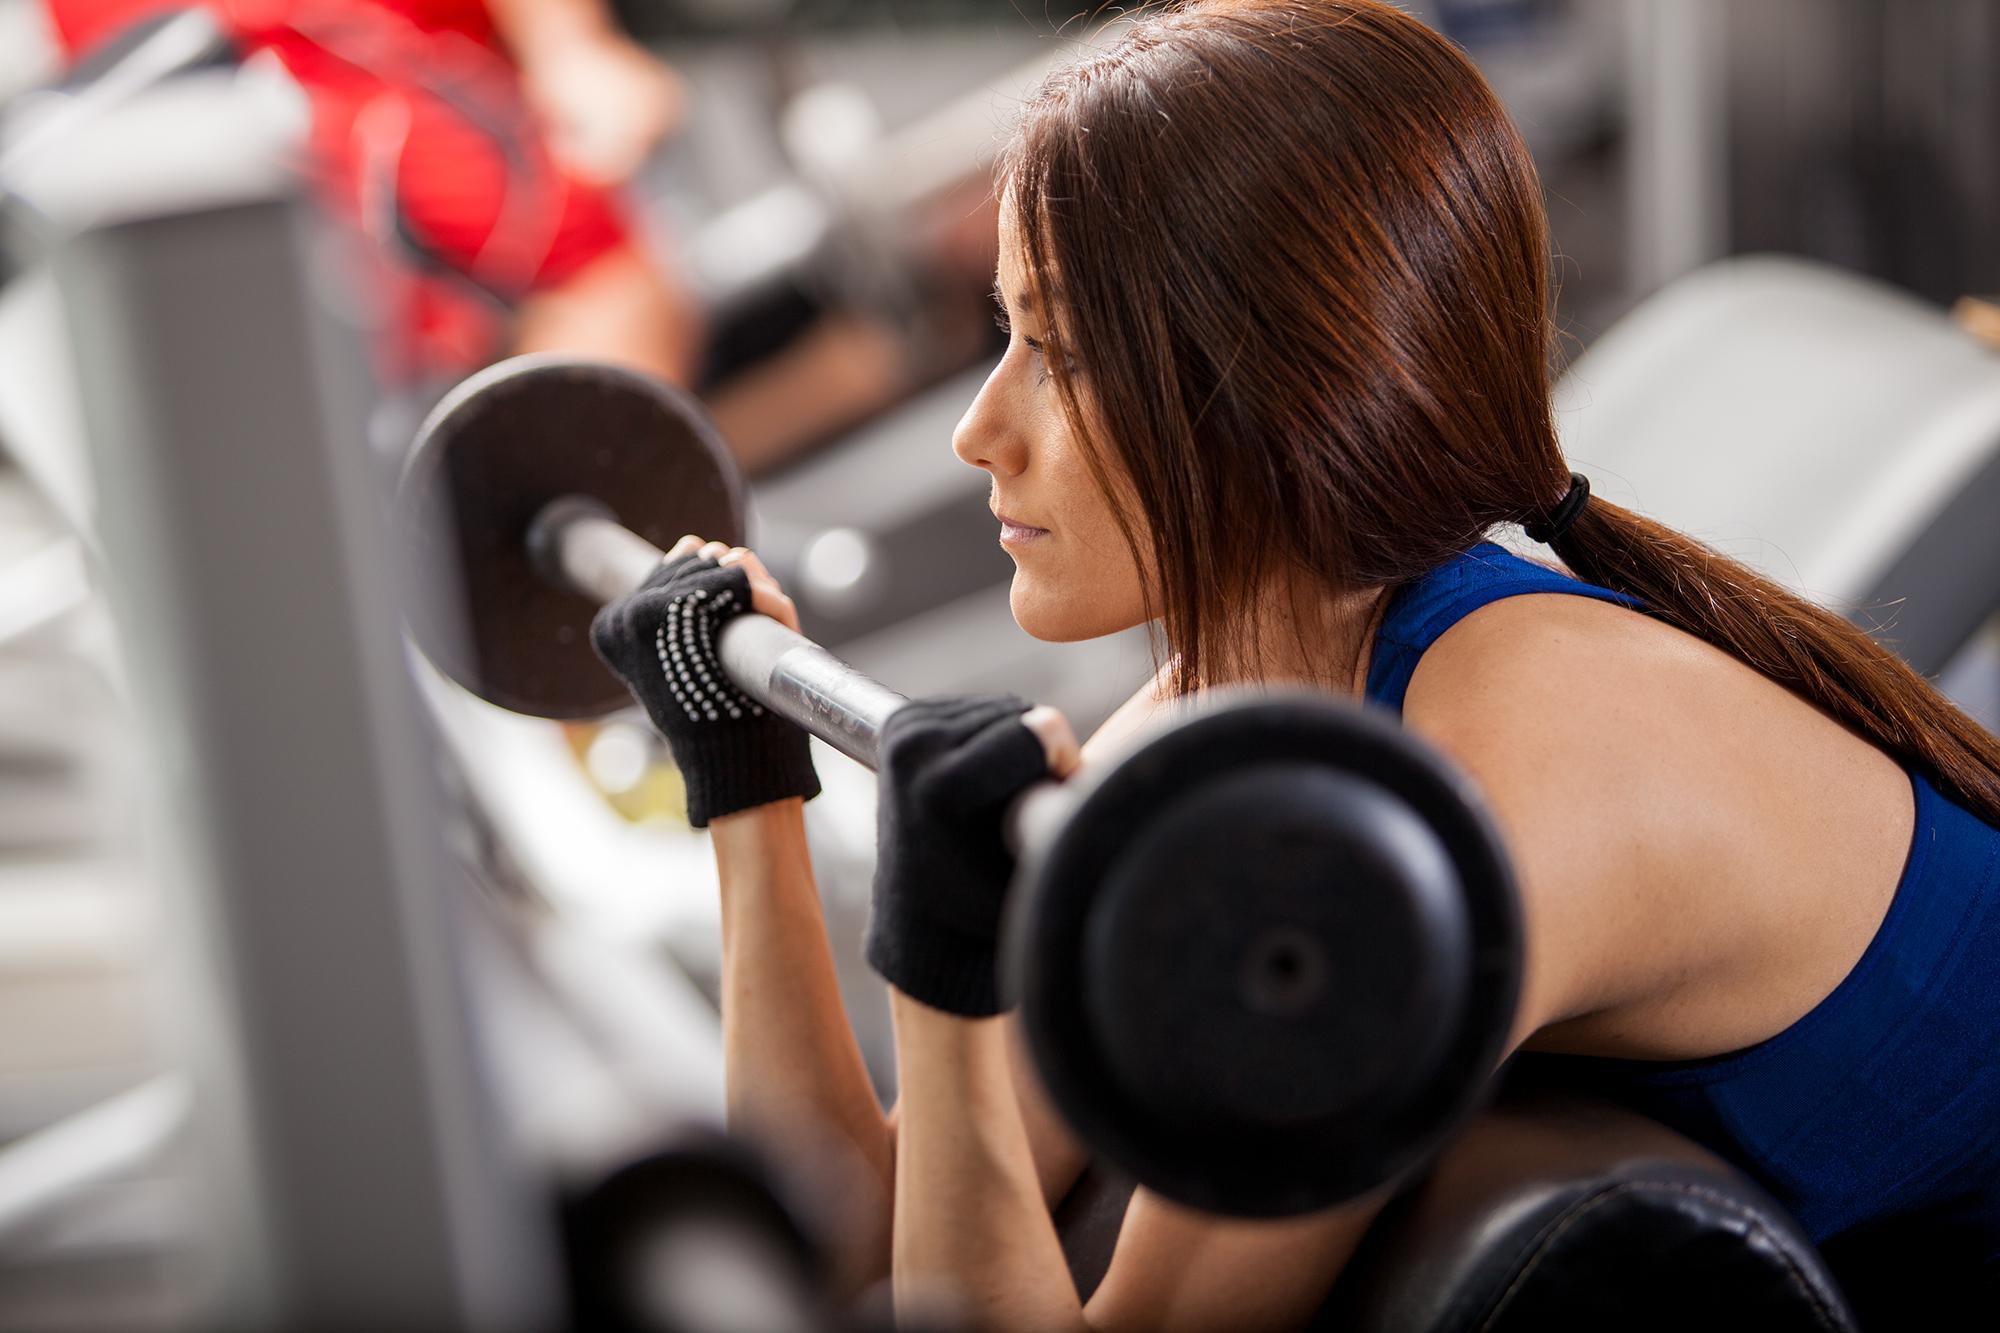 Фото девушек в фитнес зале, Спортивные девушки (37 фото) 19 фотография